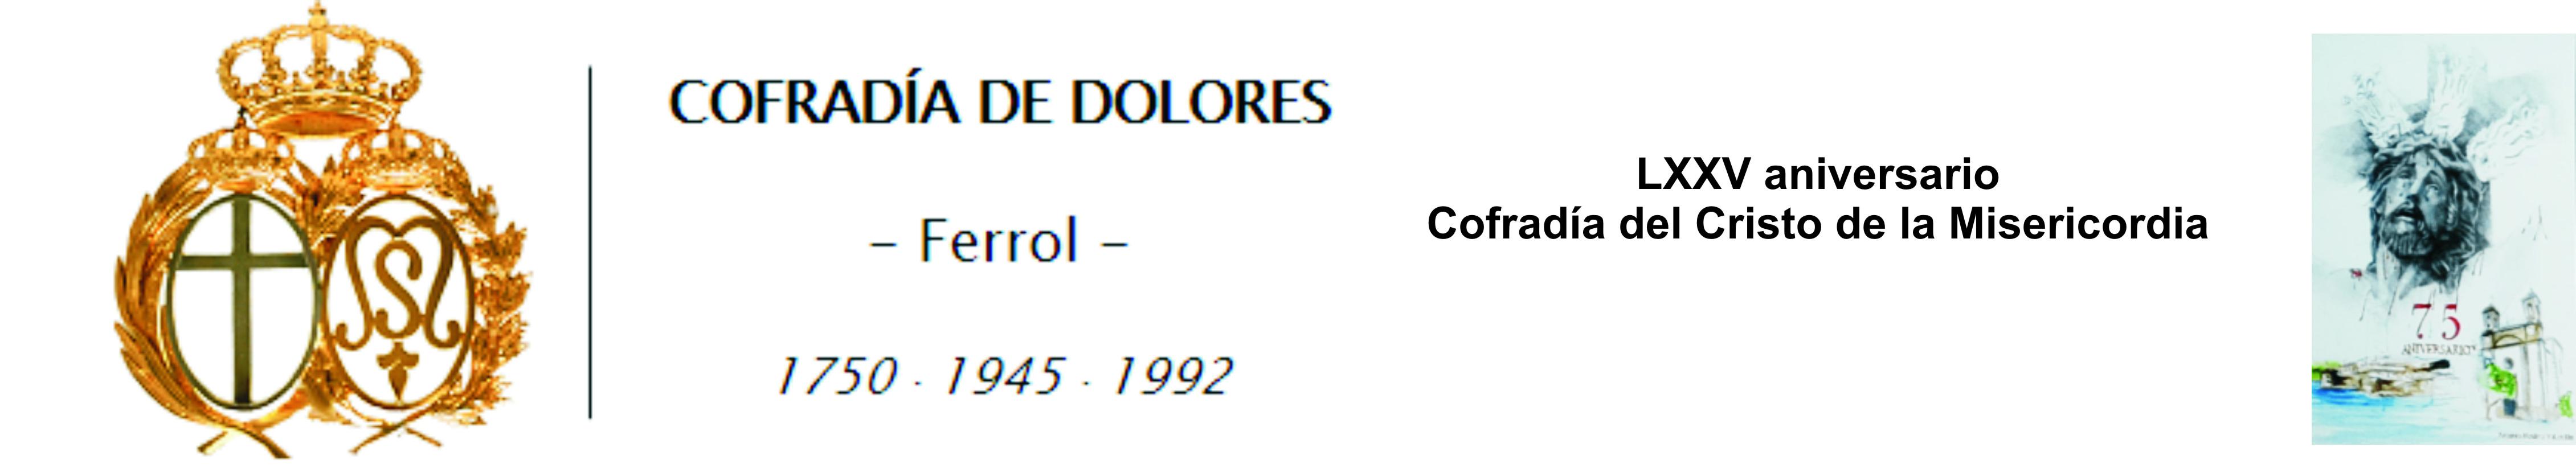 Cofradía de Dolores (Ferrol)